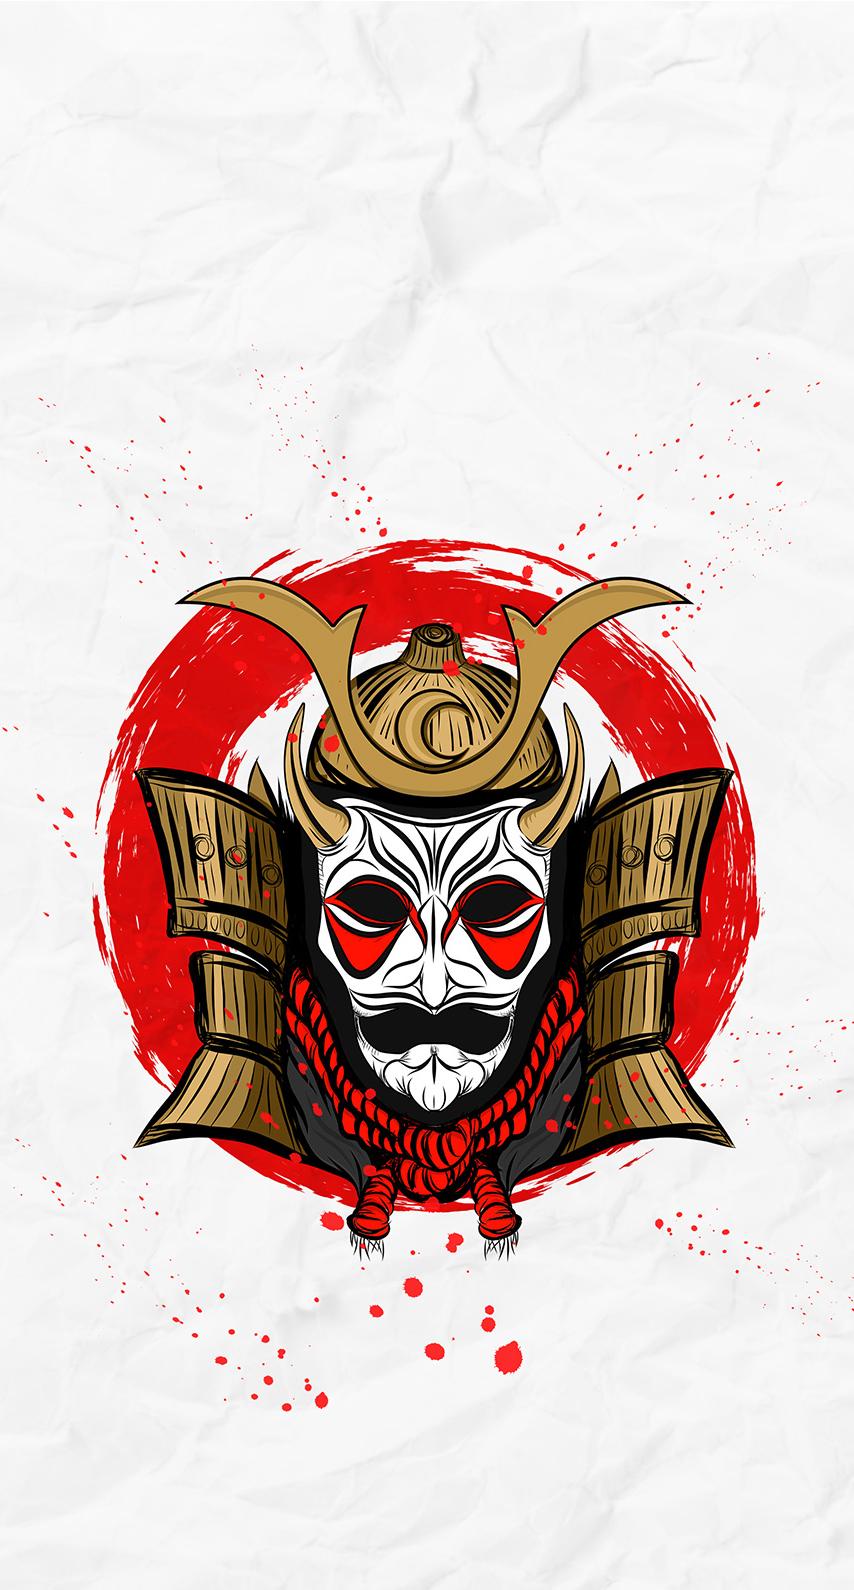 emblem, decoration